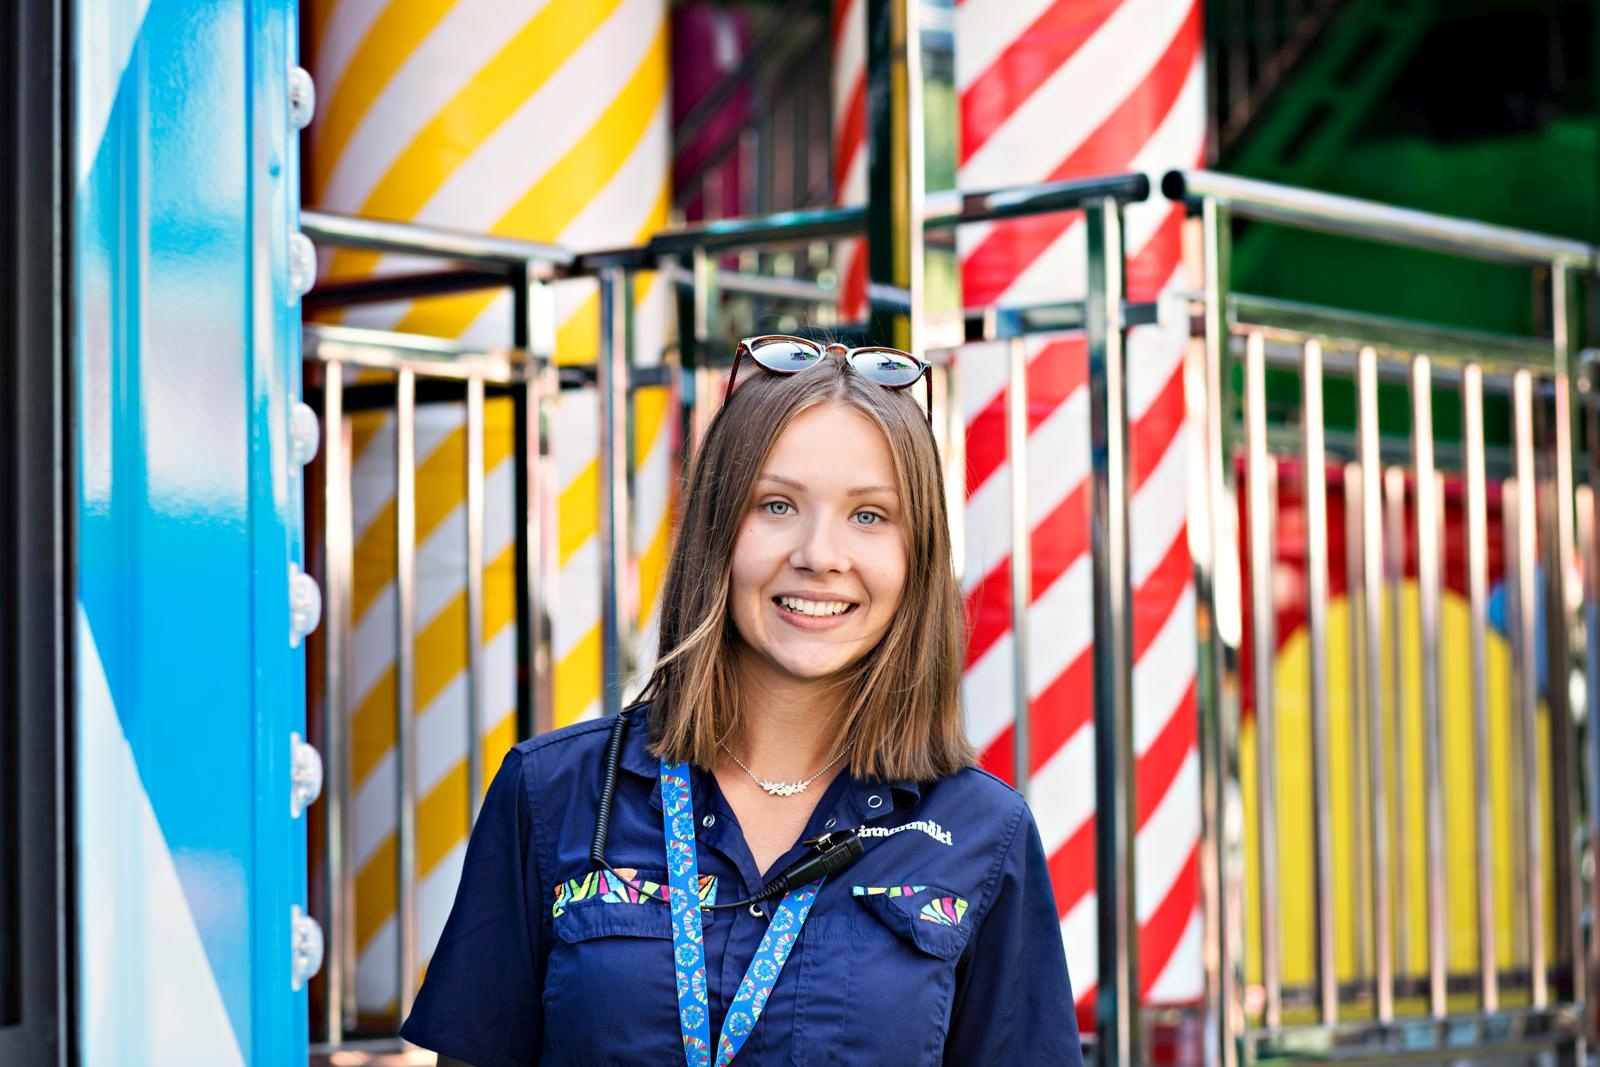 Huvipuistotyö oli Ida Kettusen lapsuudenhaave, joka toteutui viisi vuotta sitten. Kuva: Eeva Anundi